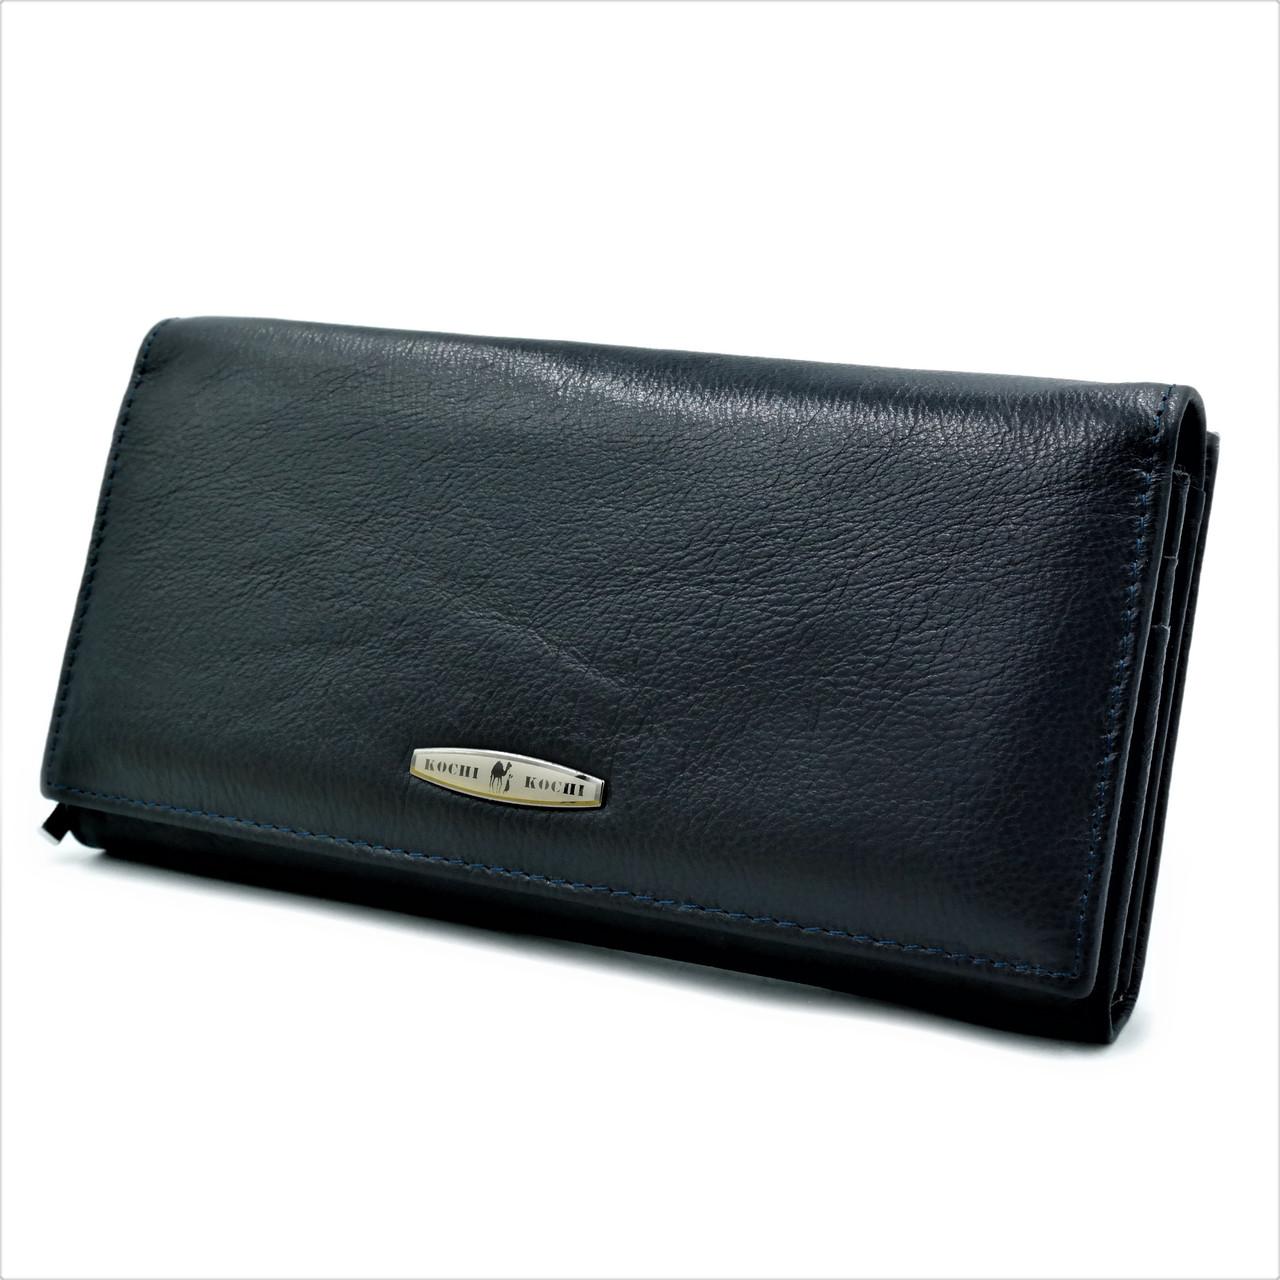 Женский кожаный кошелек Тёмно-синий Качественный женский кошелек Большой кошелек молодежный для девушки